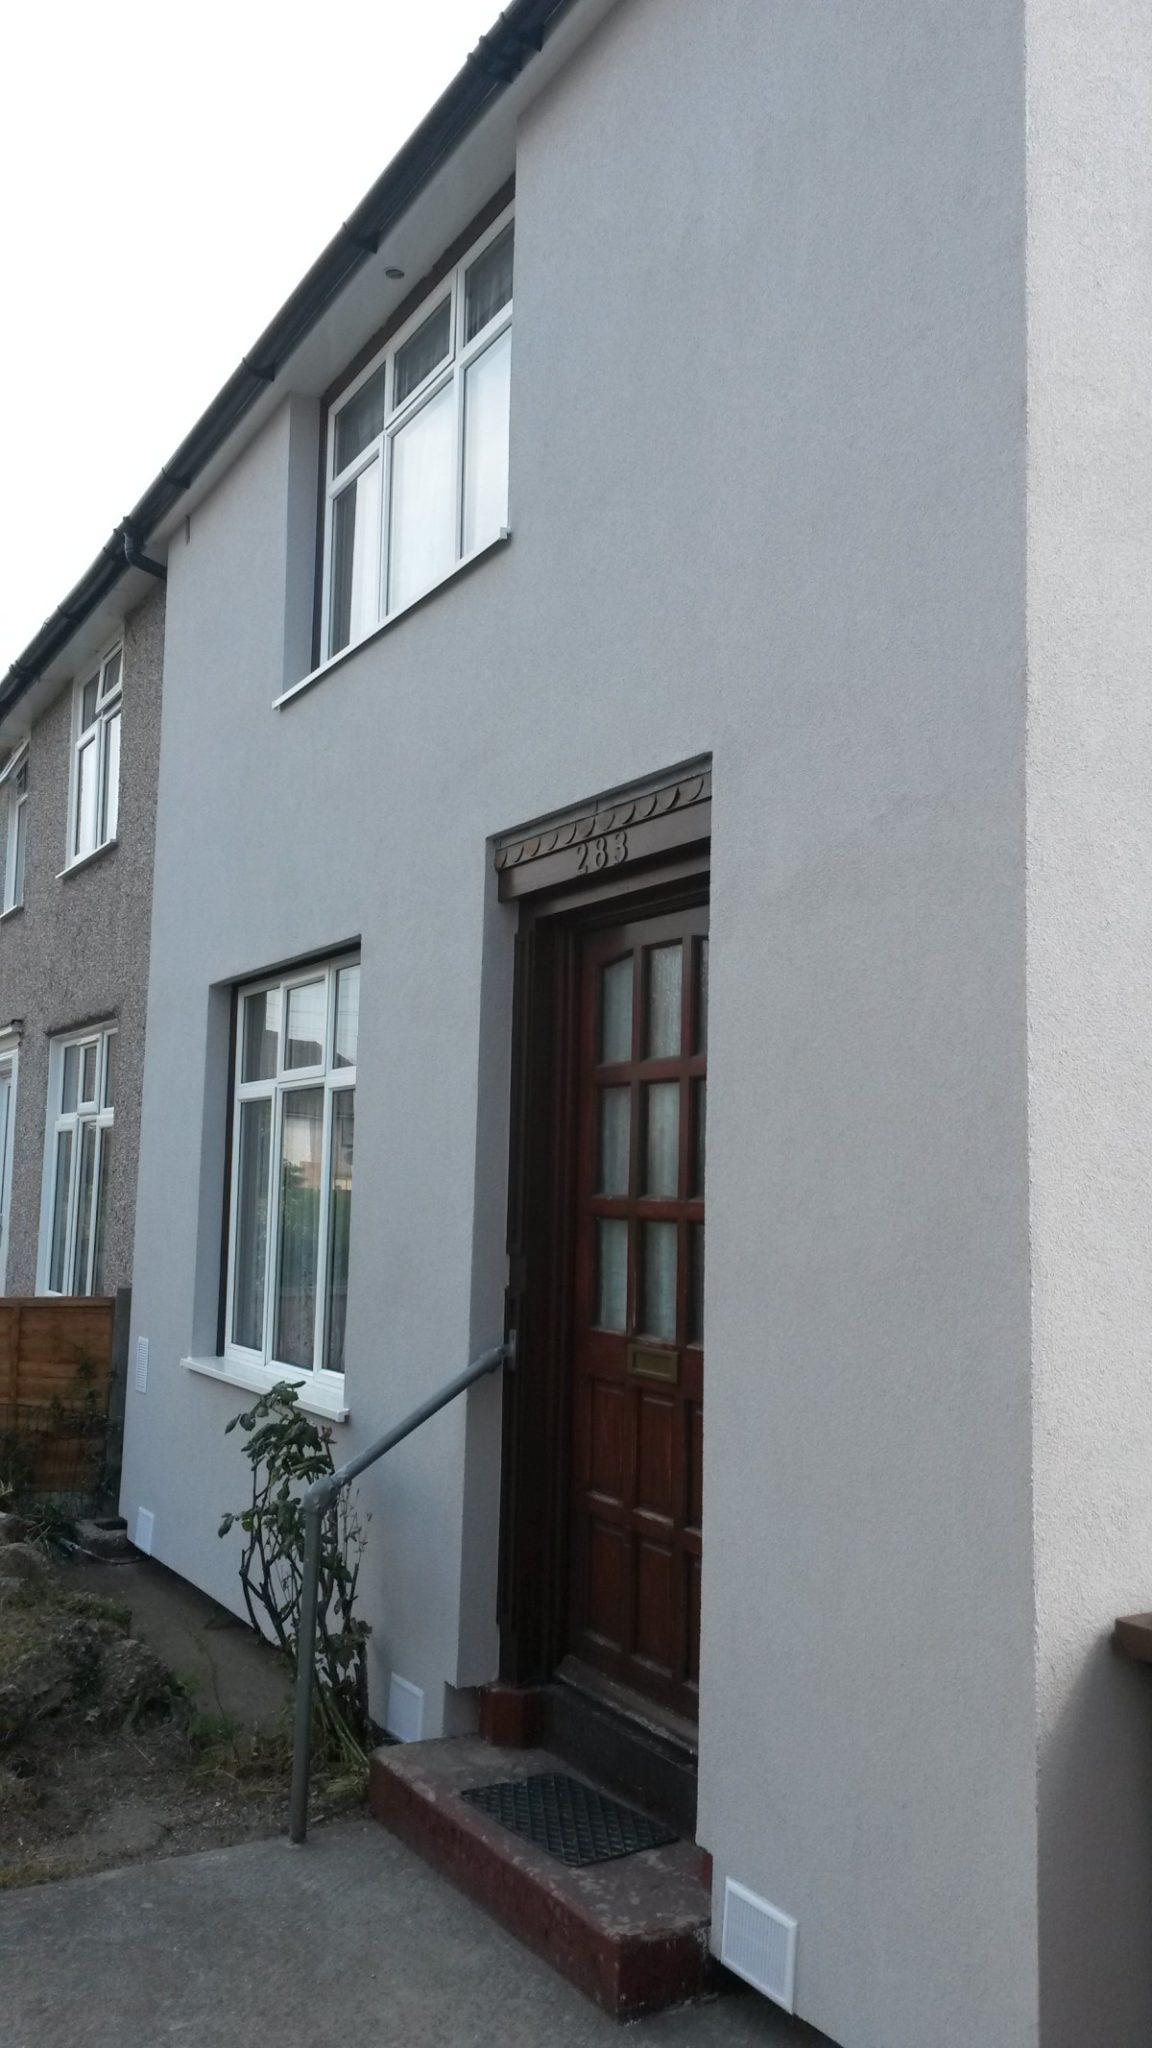 External Wall Insulation : External solid wall insulation vs cavity